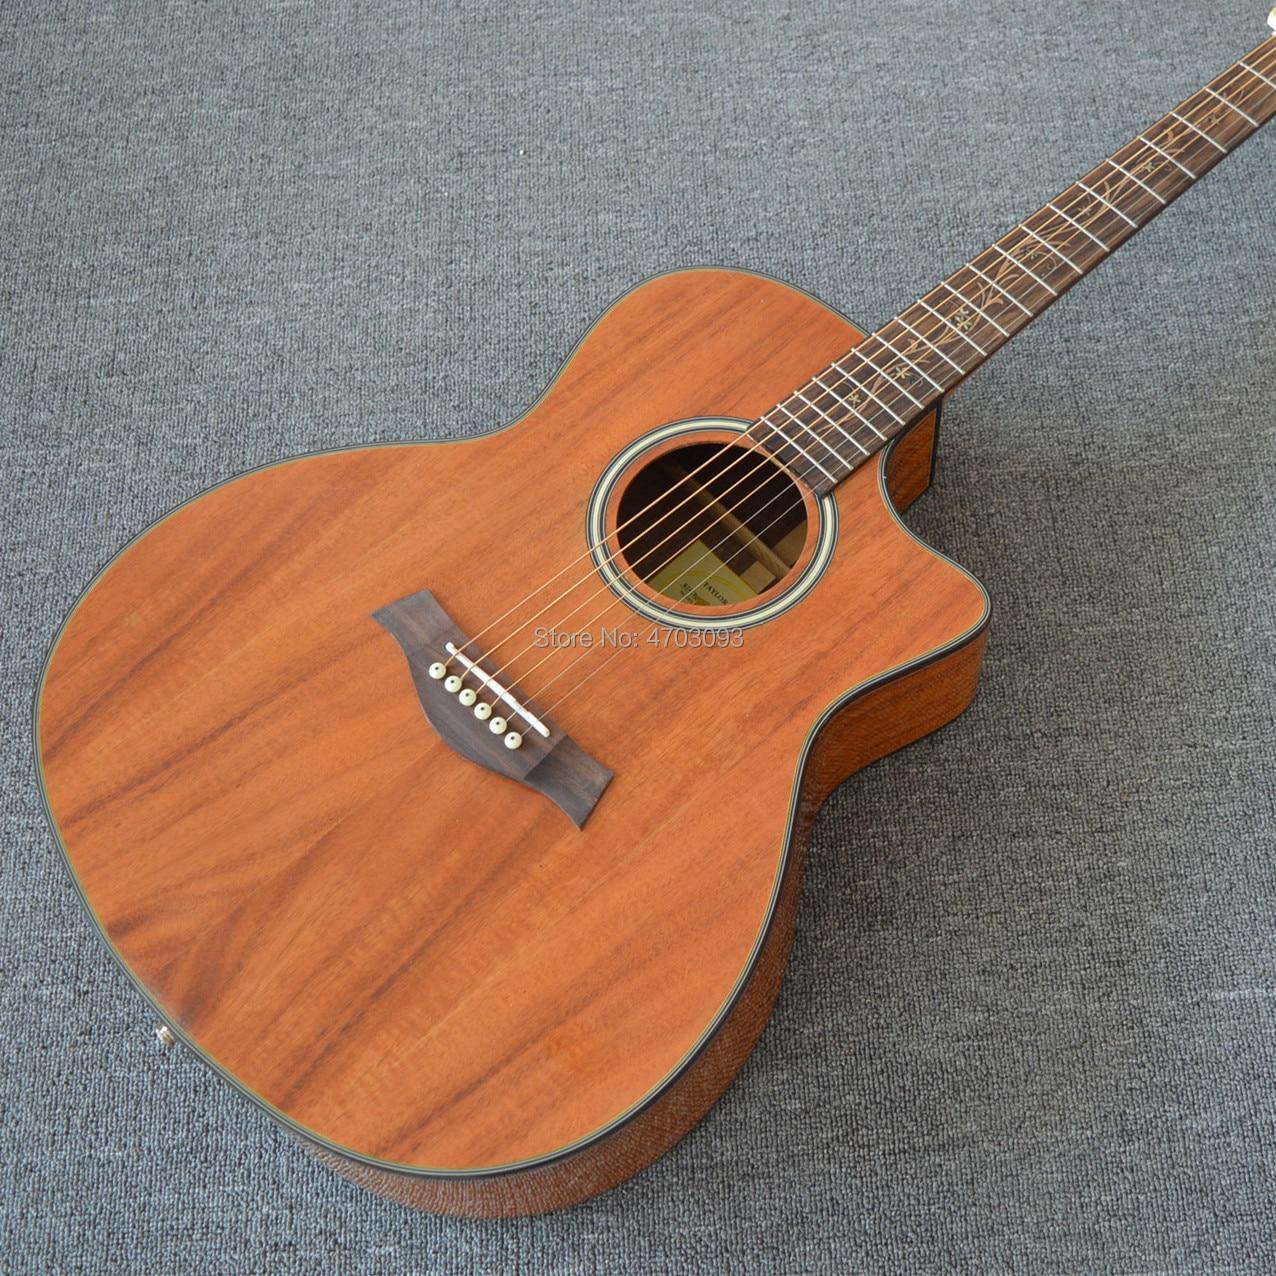 2019 nouvelle guitare acoustique Chaylor 41 pouces Cutaway 6 cordes, plateau en bois koa massif, livraison gratuite